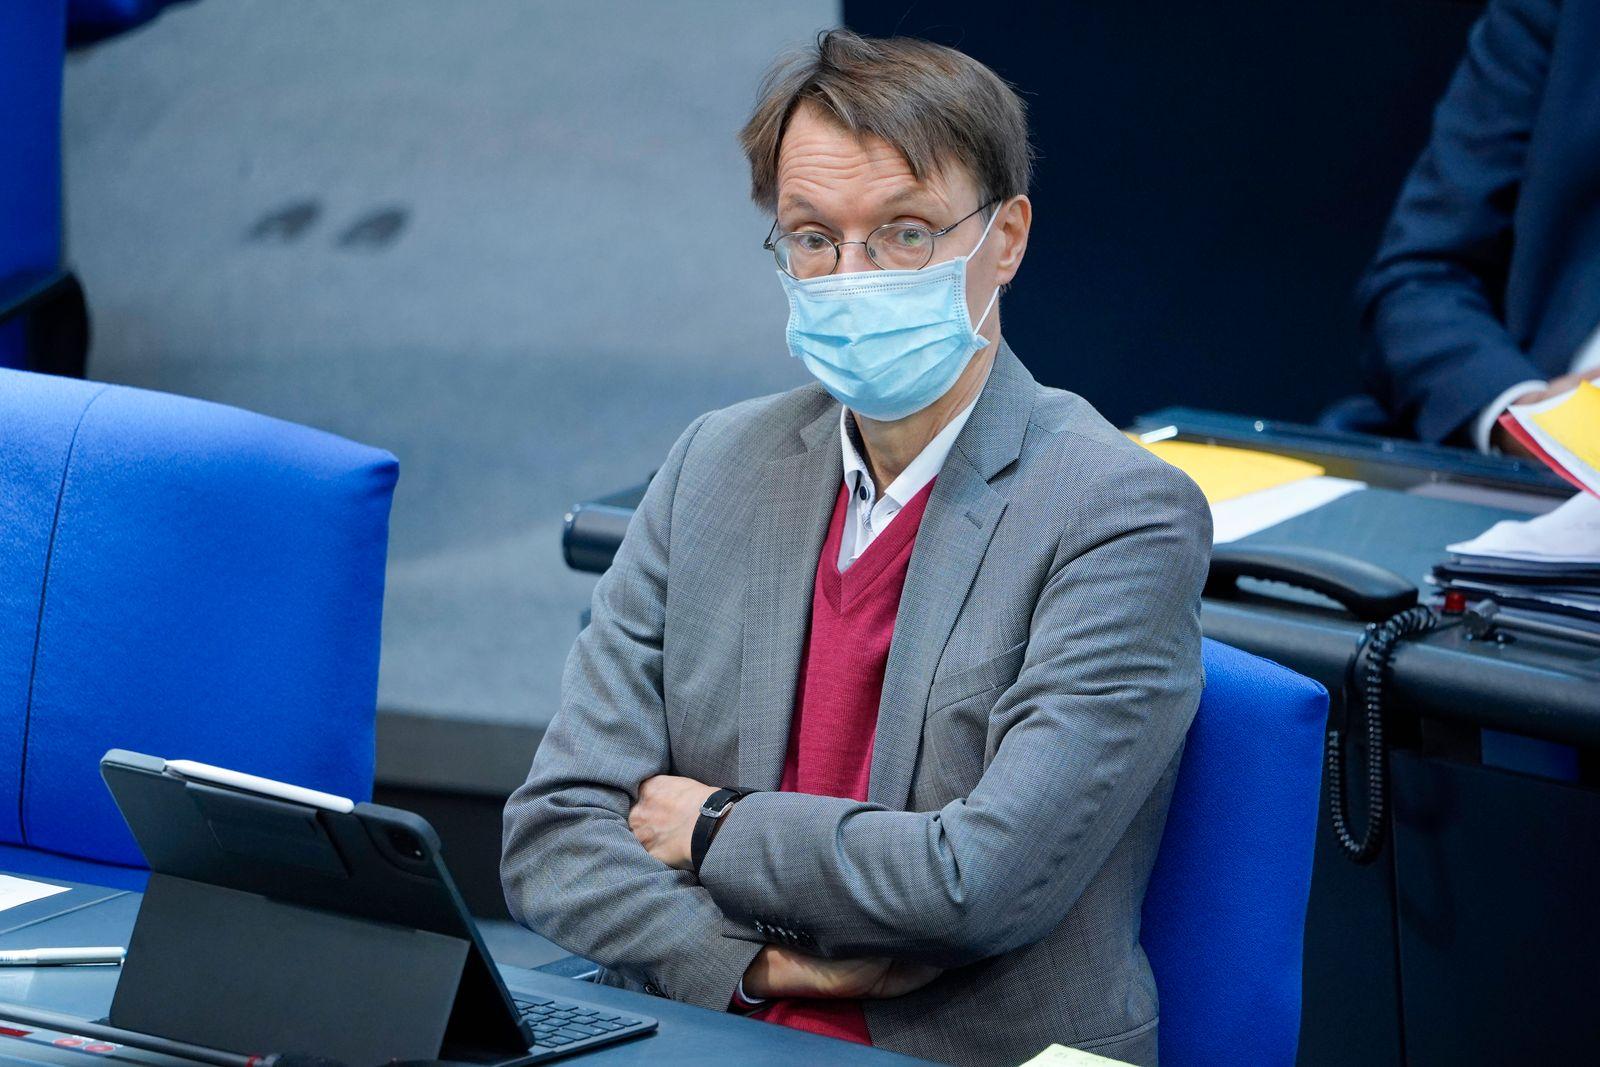 180. Bundestagssitzung im Reichstag in Berlin Aktuell, 01.10.2020, Berlin Prof. Dr. Karl Lauterbach im Plenum bei der Ha